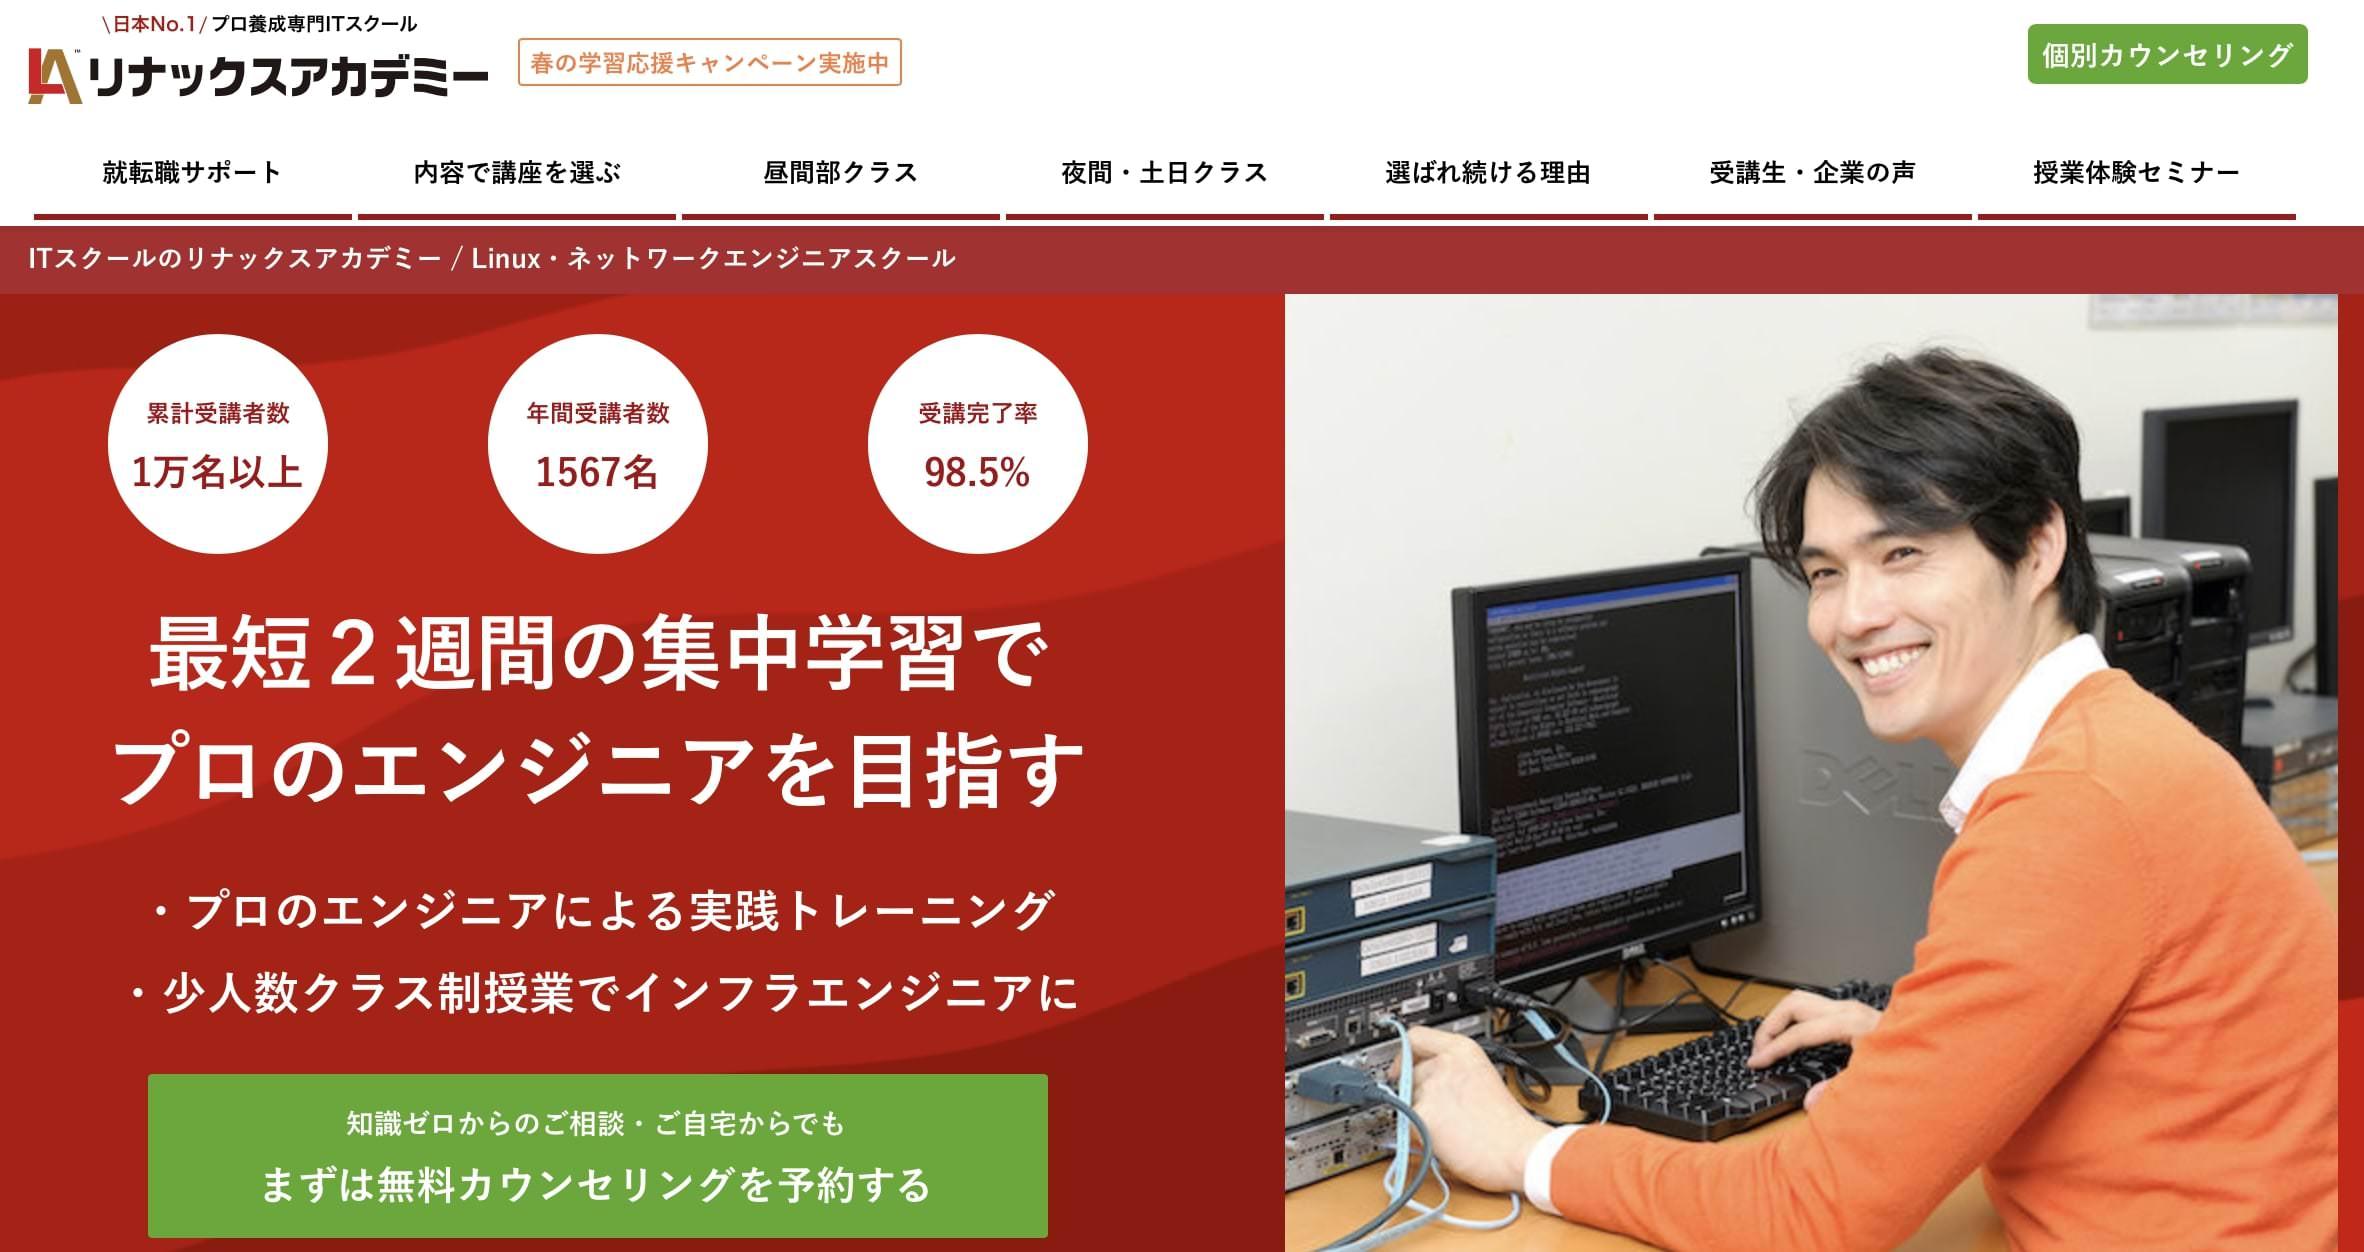 リナックスアカデミーLinux・エンジニアコースのトップページ